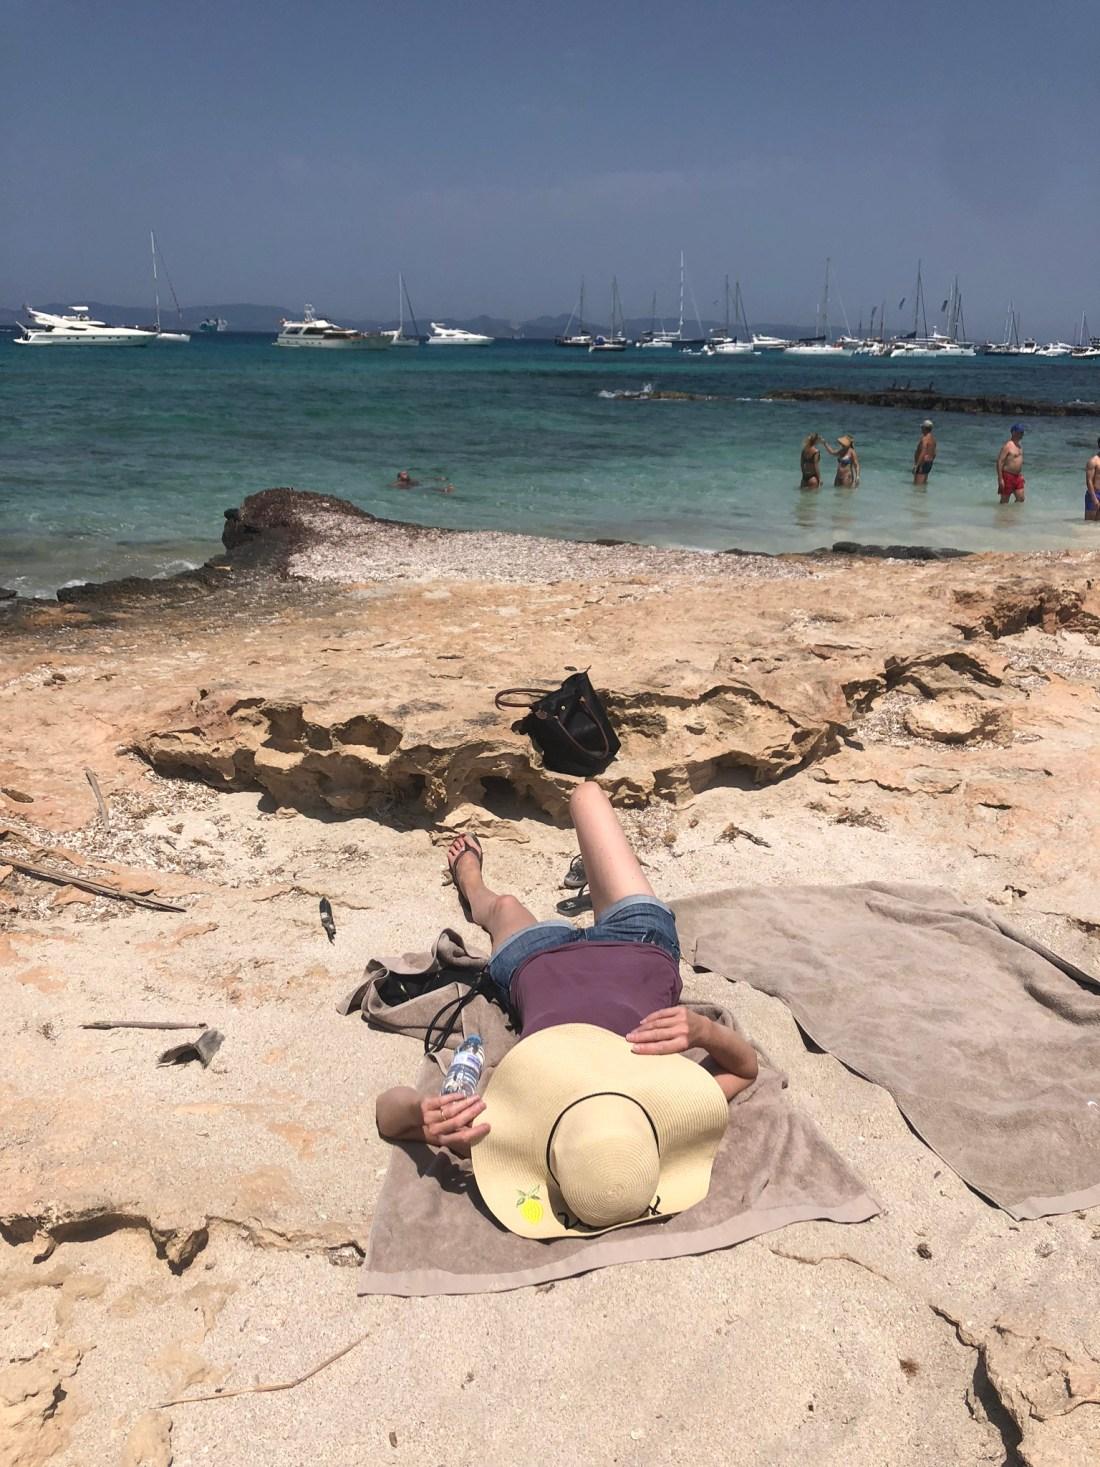 Sunbathing in Formentera, Spain